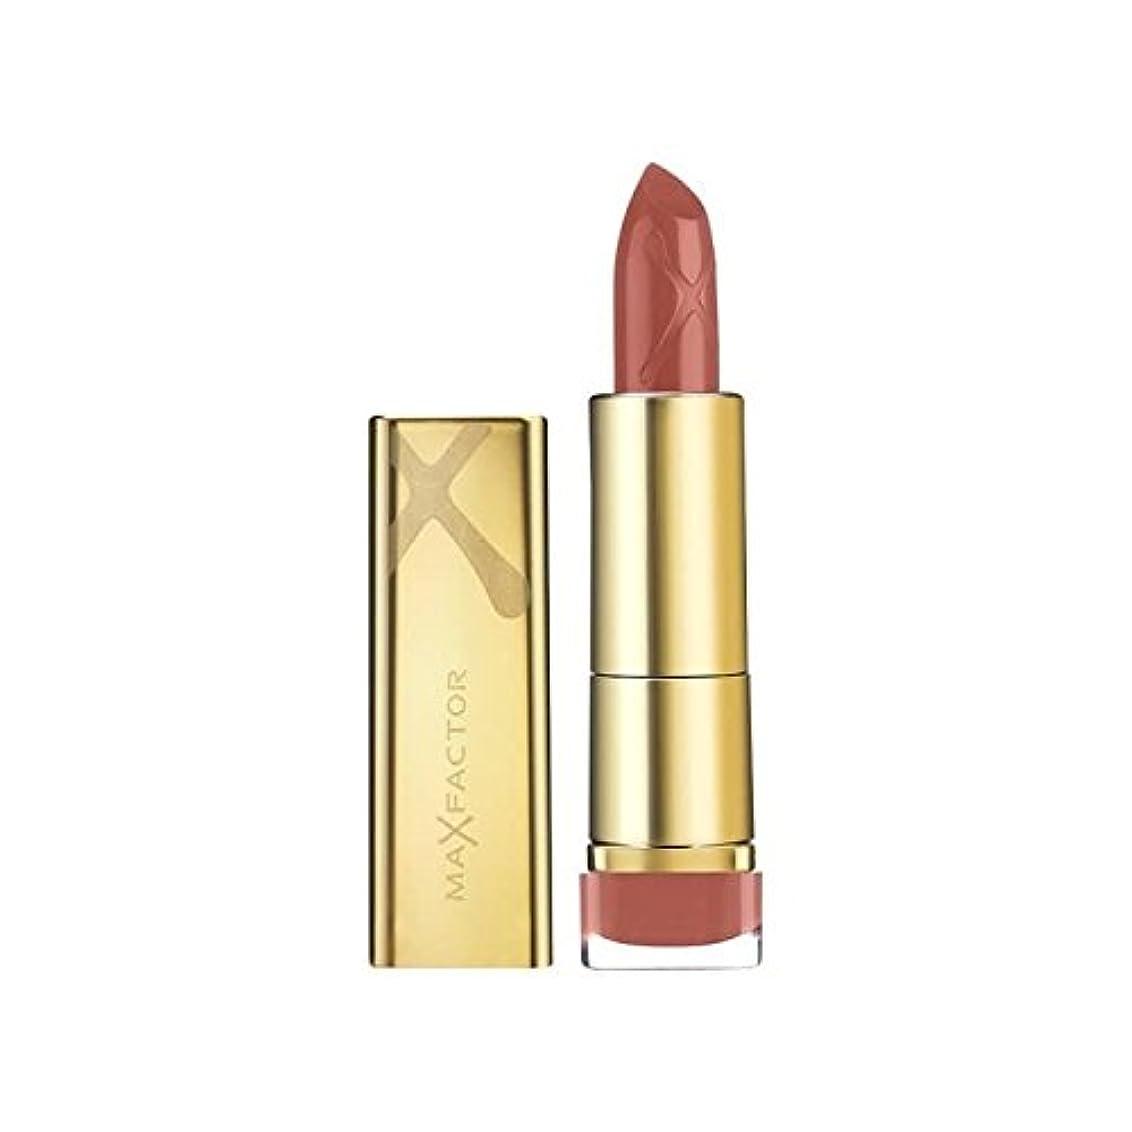 エロチック優れました雲Max Factor Colour Elixir Lipstick Burnt Caramel 75 - マックスファクターカラーエリキシル口紅焼けキャラメル75 [並行輸入品]